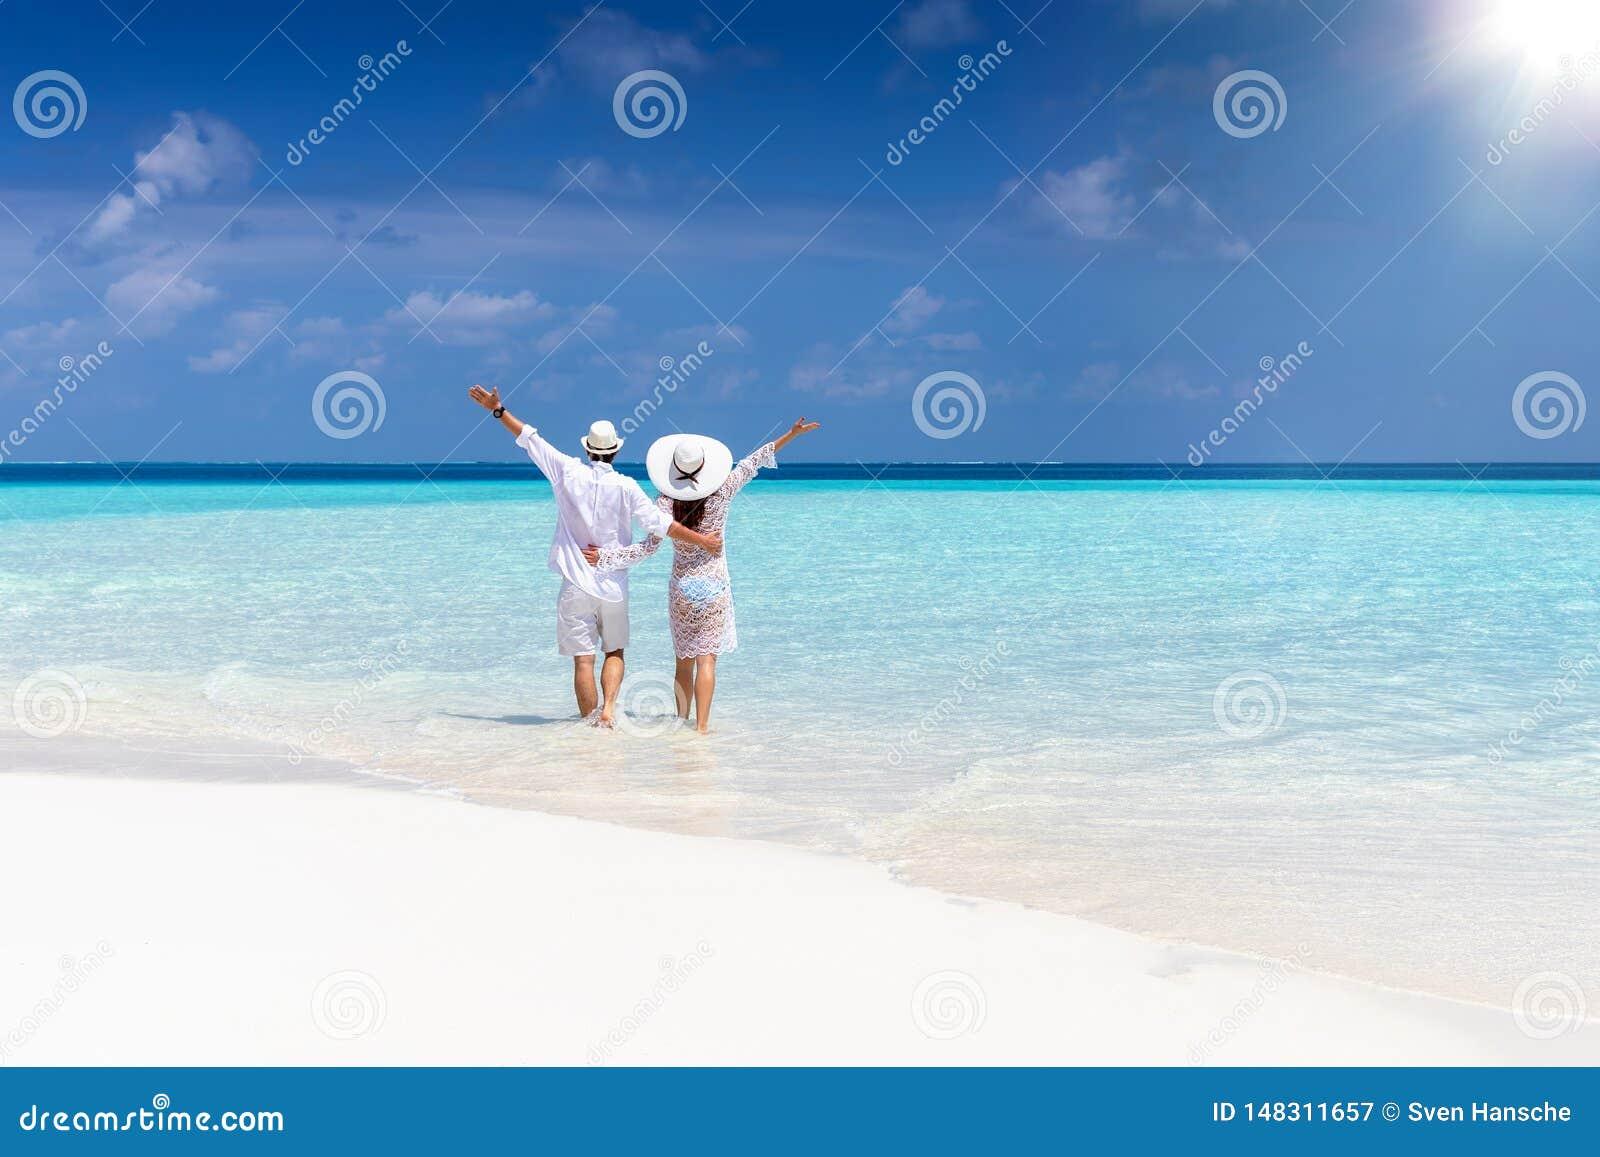 El par camina abajo de una playa tropical en la ropa blanca